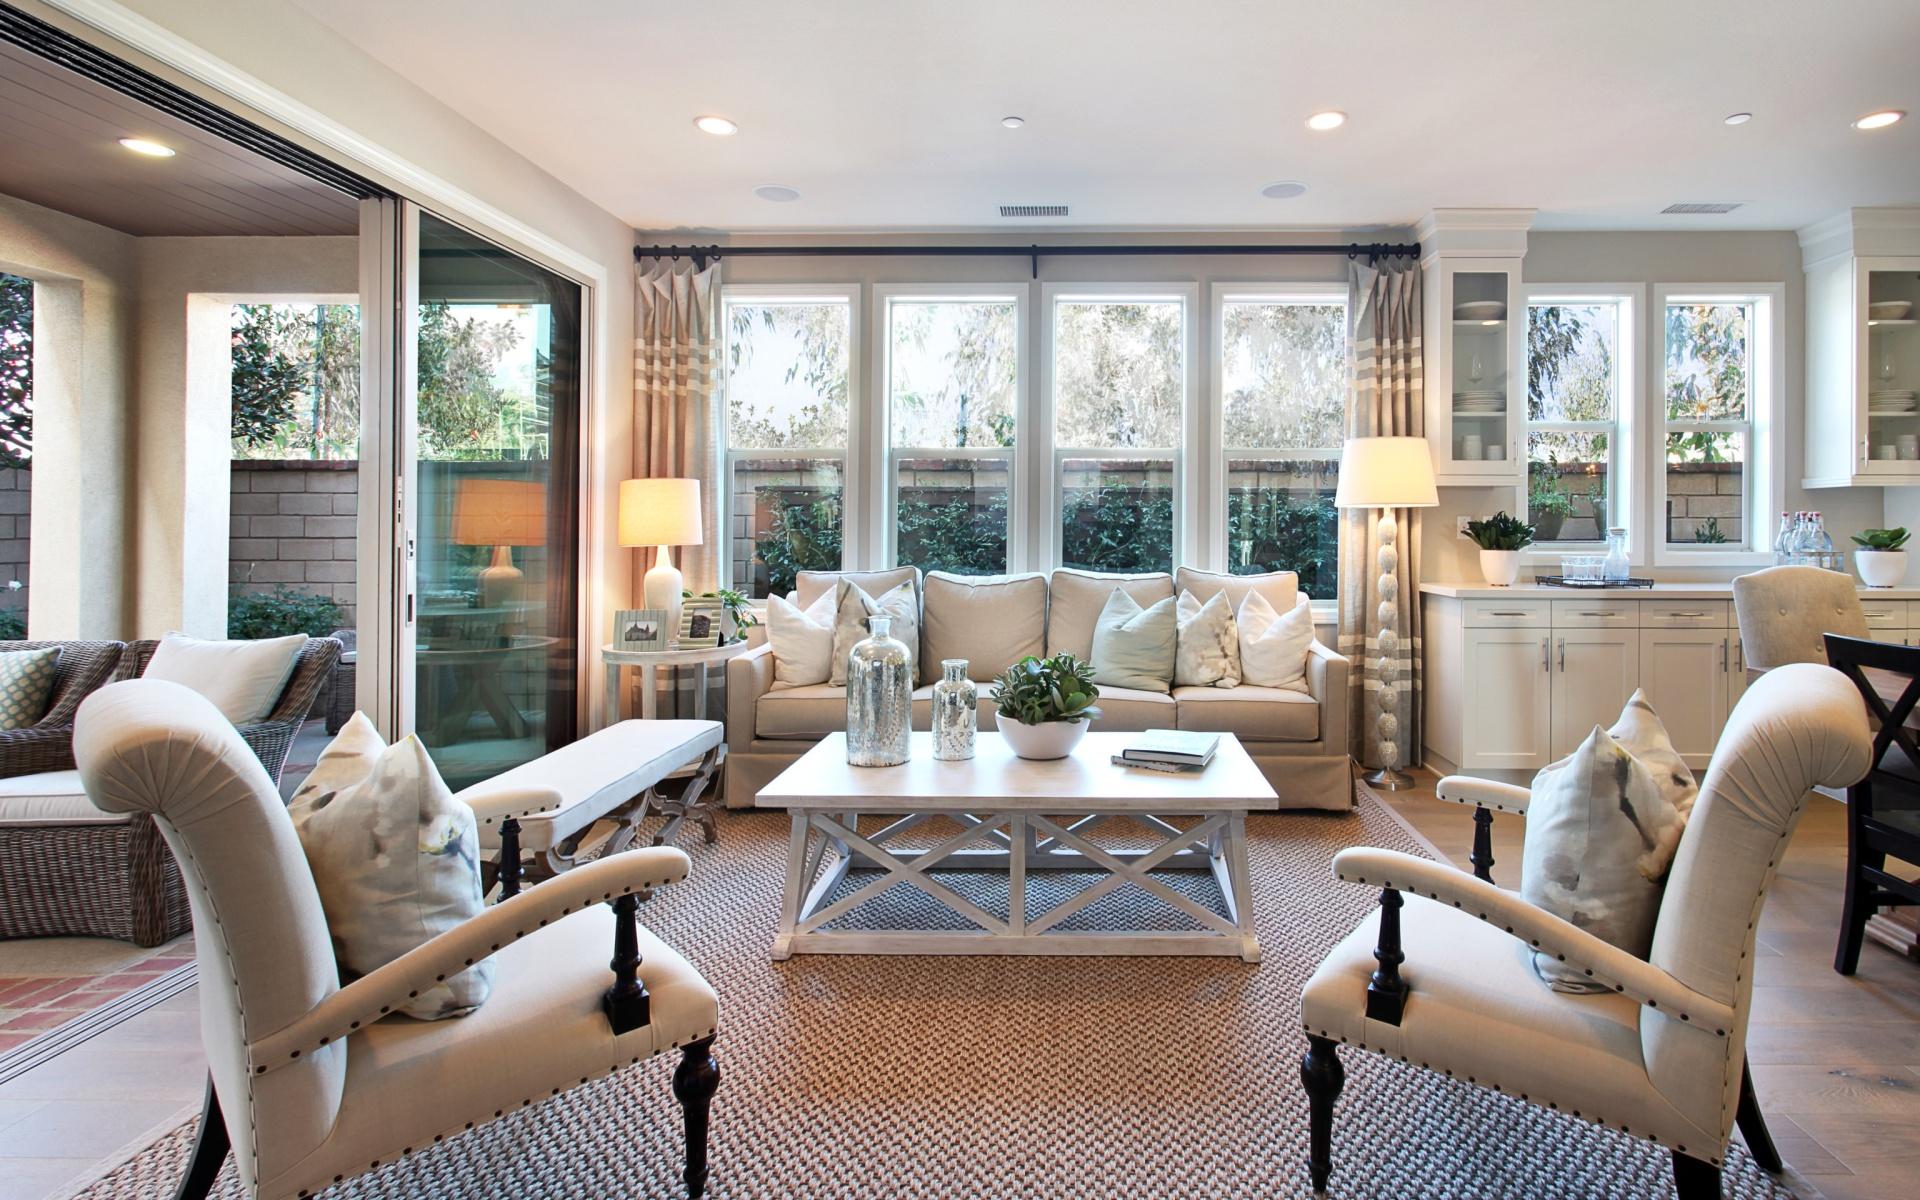 interior luxury living room wallpaper for widescreen desktop pc